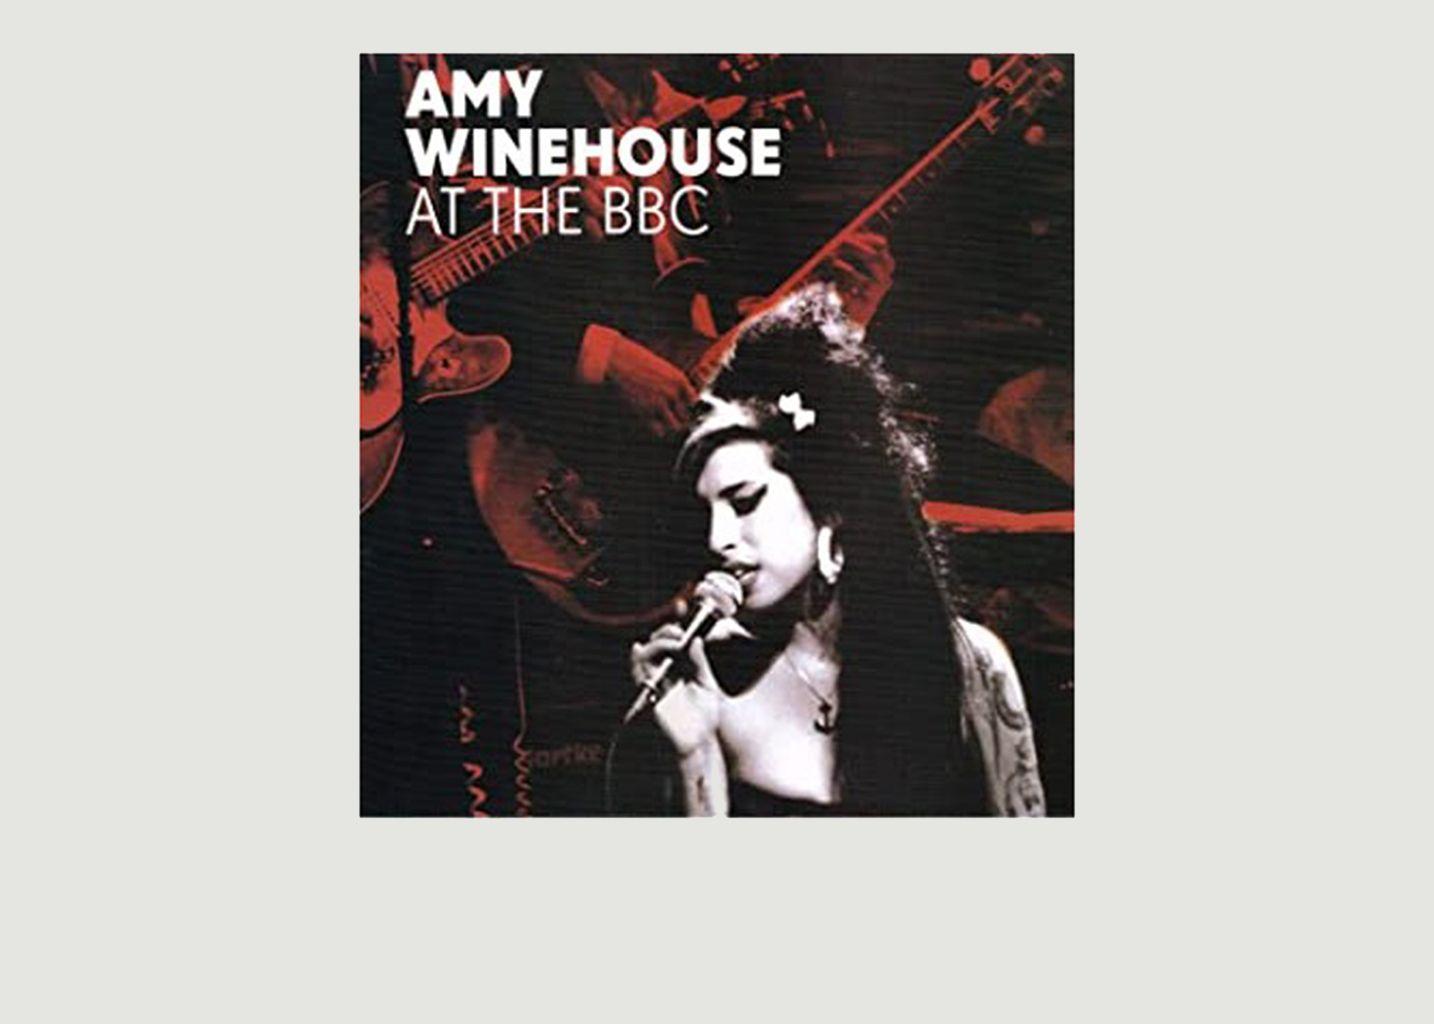 Amy Winehouse - At the BBC - La vinyl-thèque idéale